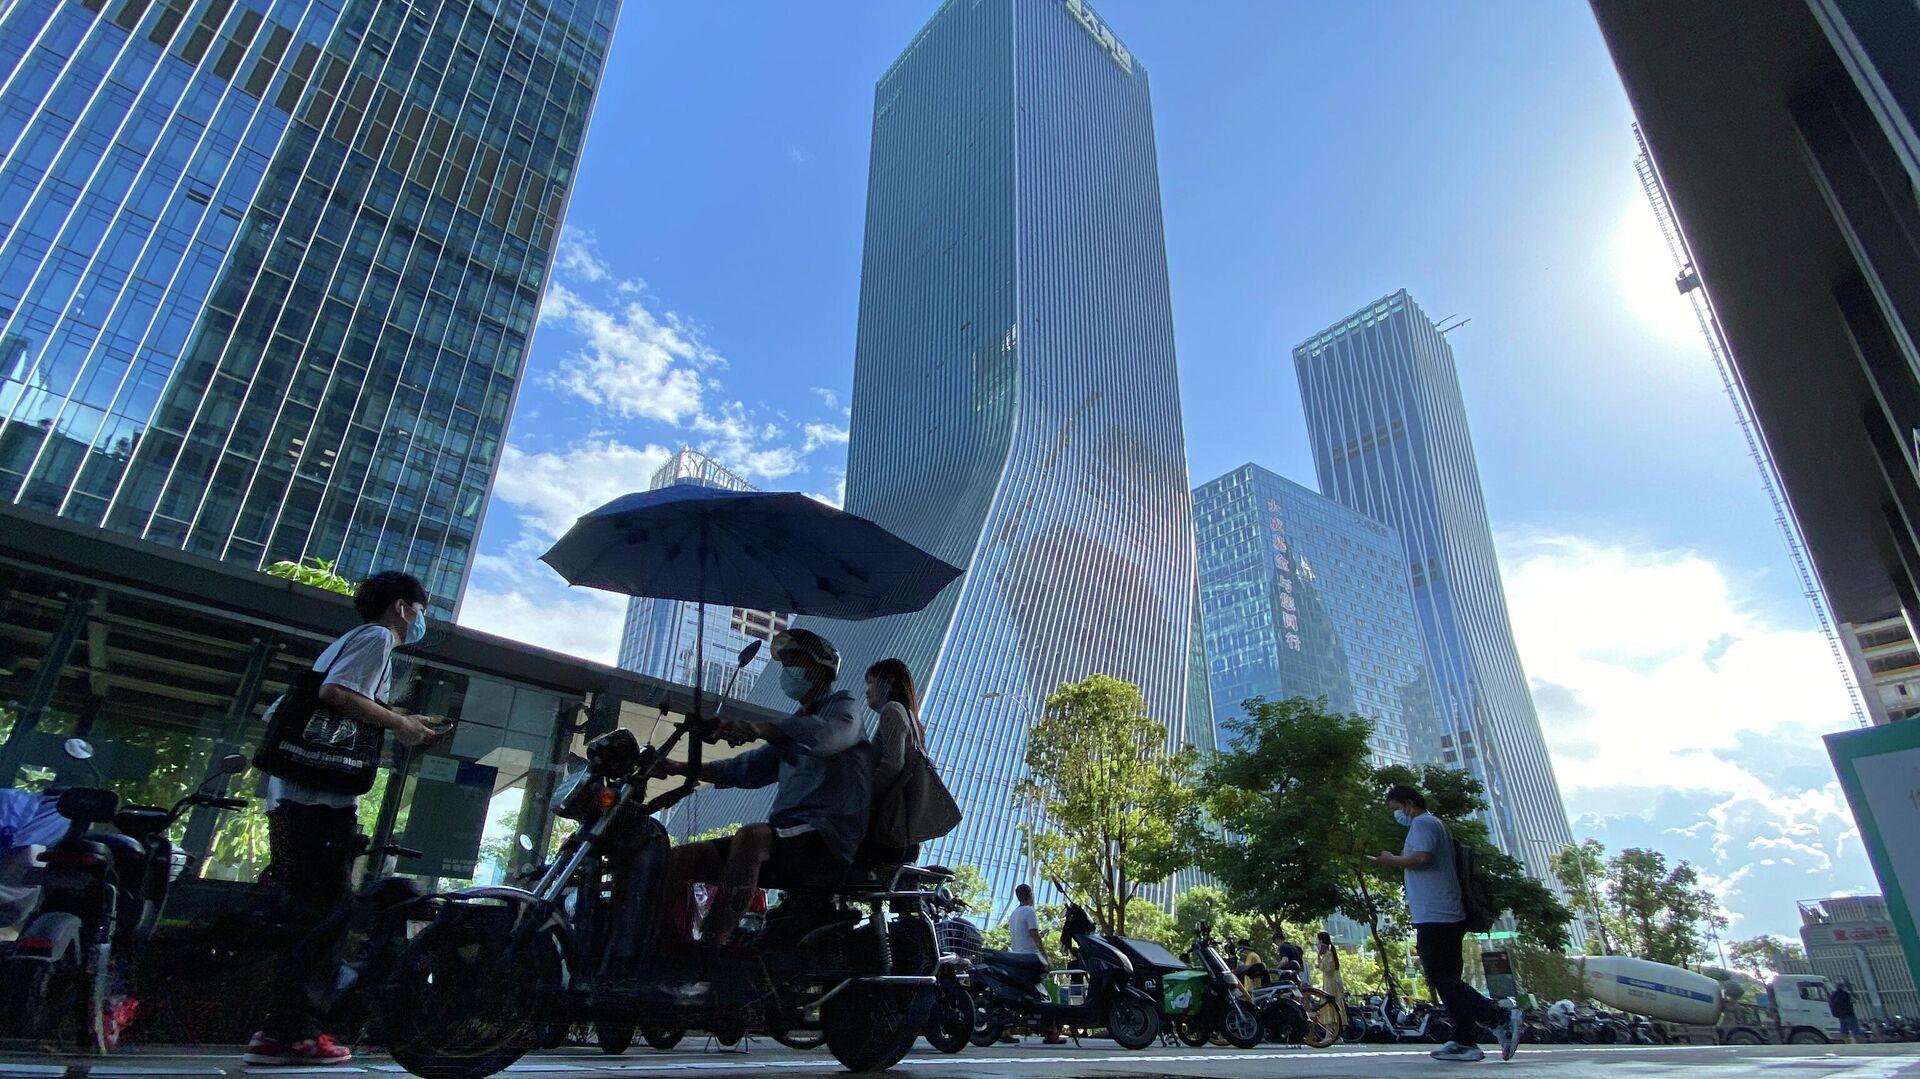 Protesta frente a la sede de Evergrande en Shenzhen (China), el 23 de septiembre del 2021 - Sputnik Mundo, 1920, 27.09.2021